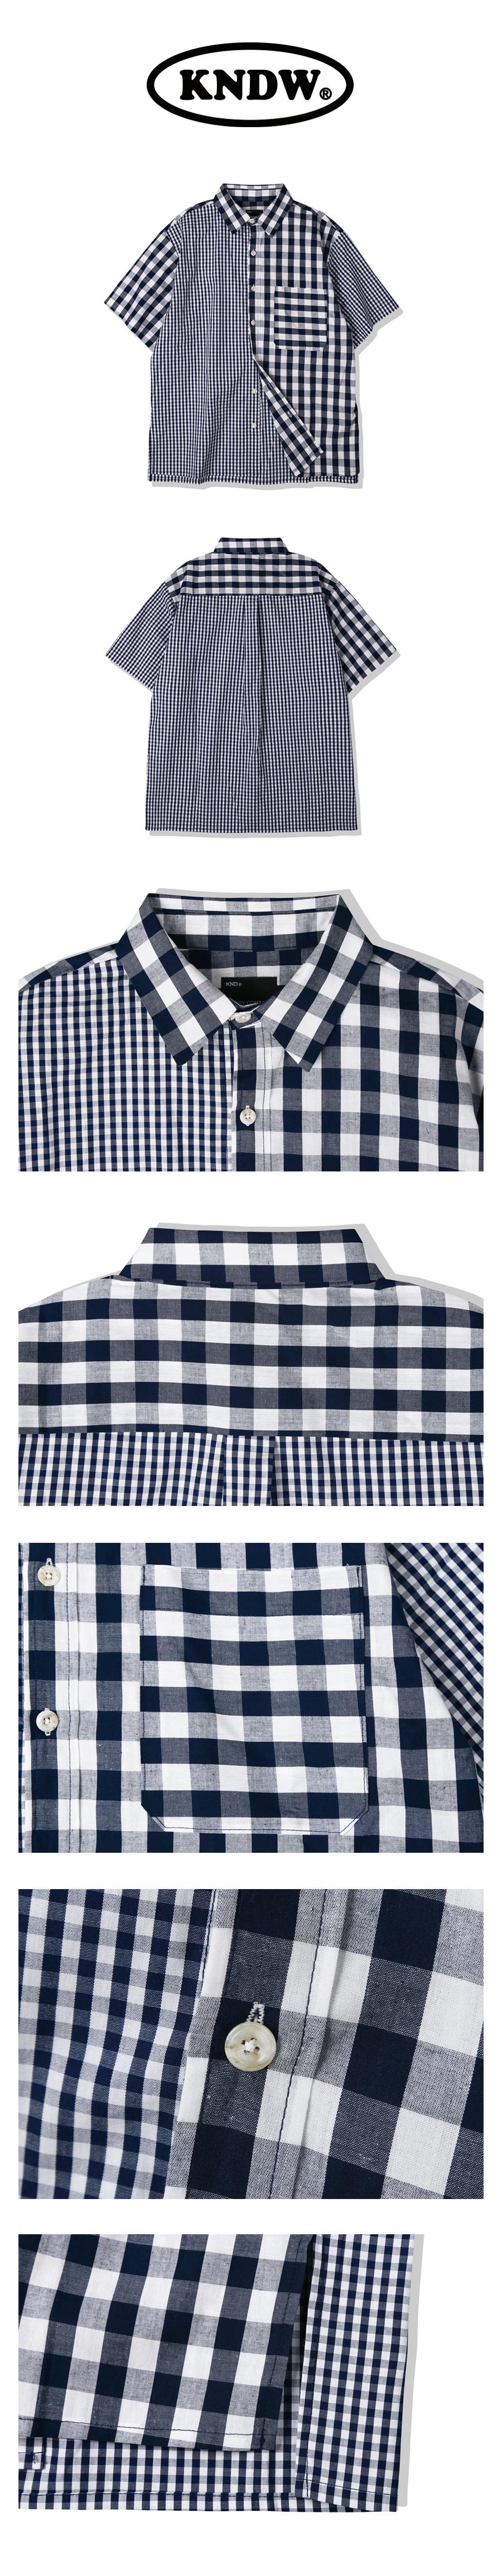 케이엔드(KND) 믹스 체크 코튼 1/2 셔츠